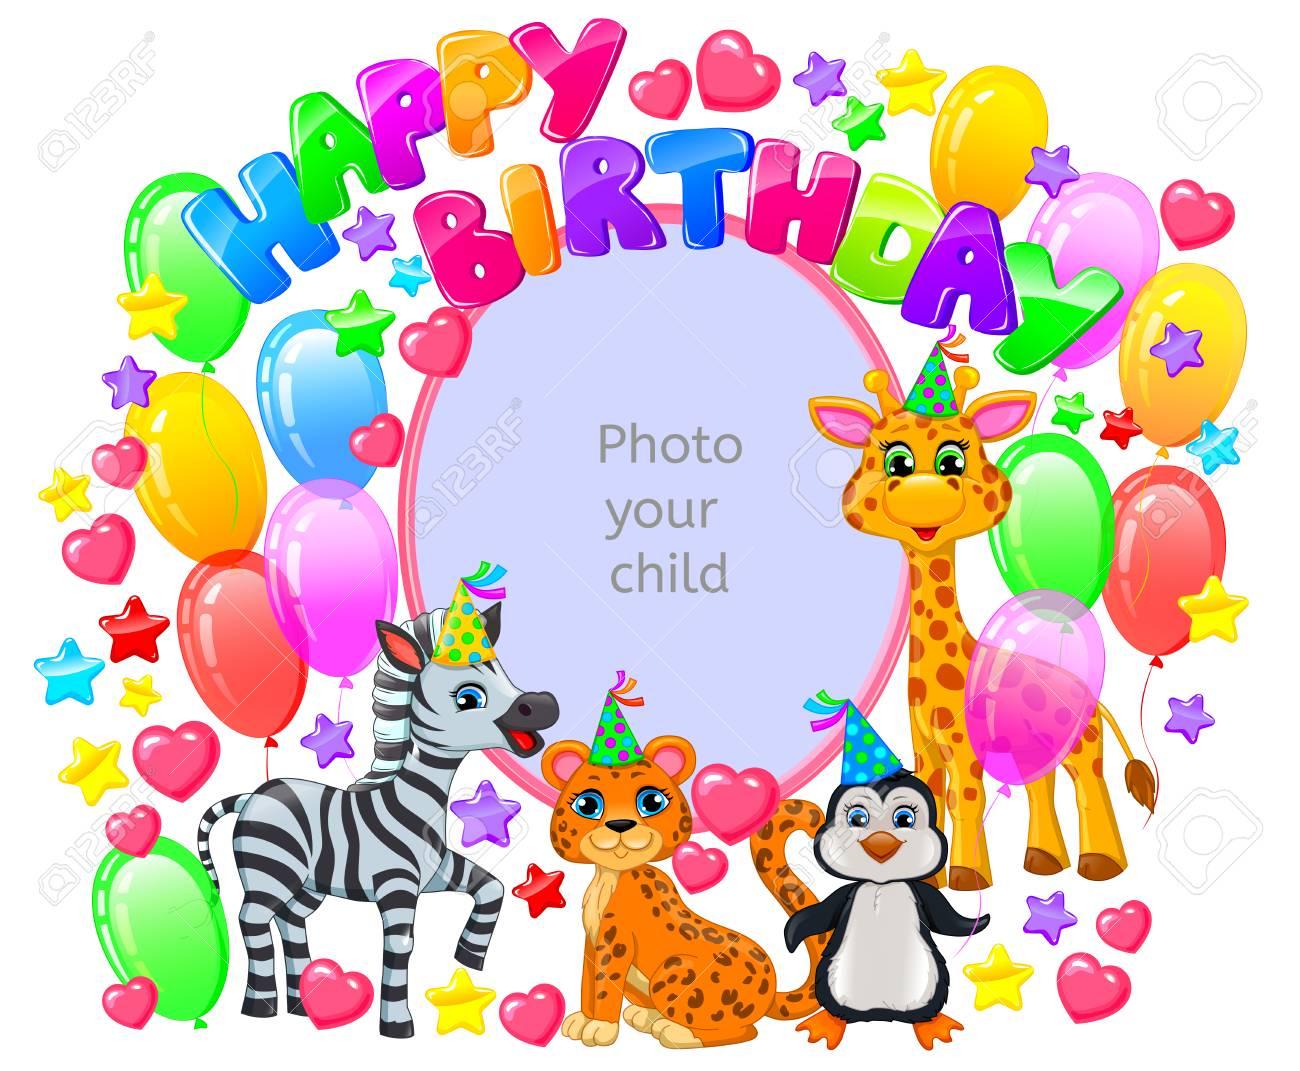 Cadre Anniversaire cadre d'anniversaire avec des animaux pour votre photo de bébé. clip